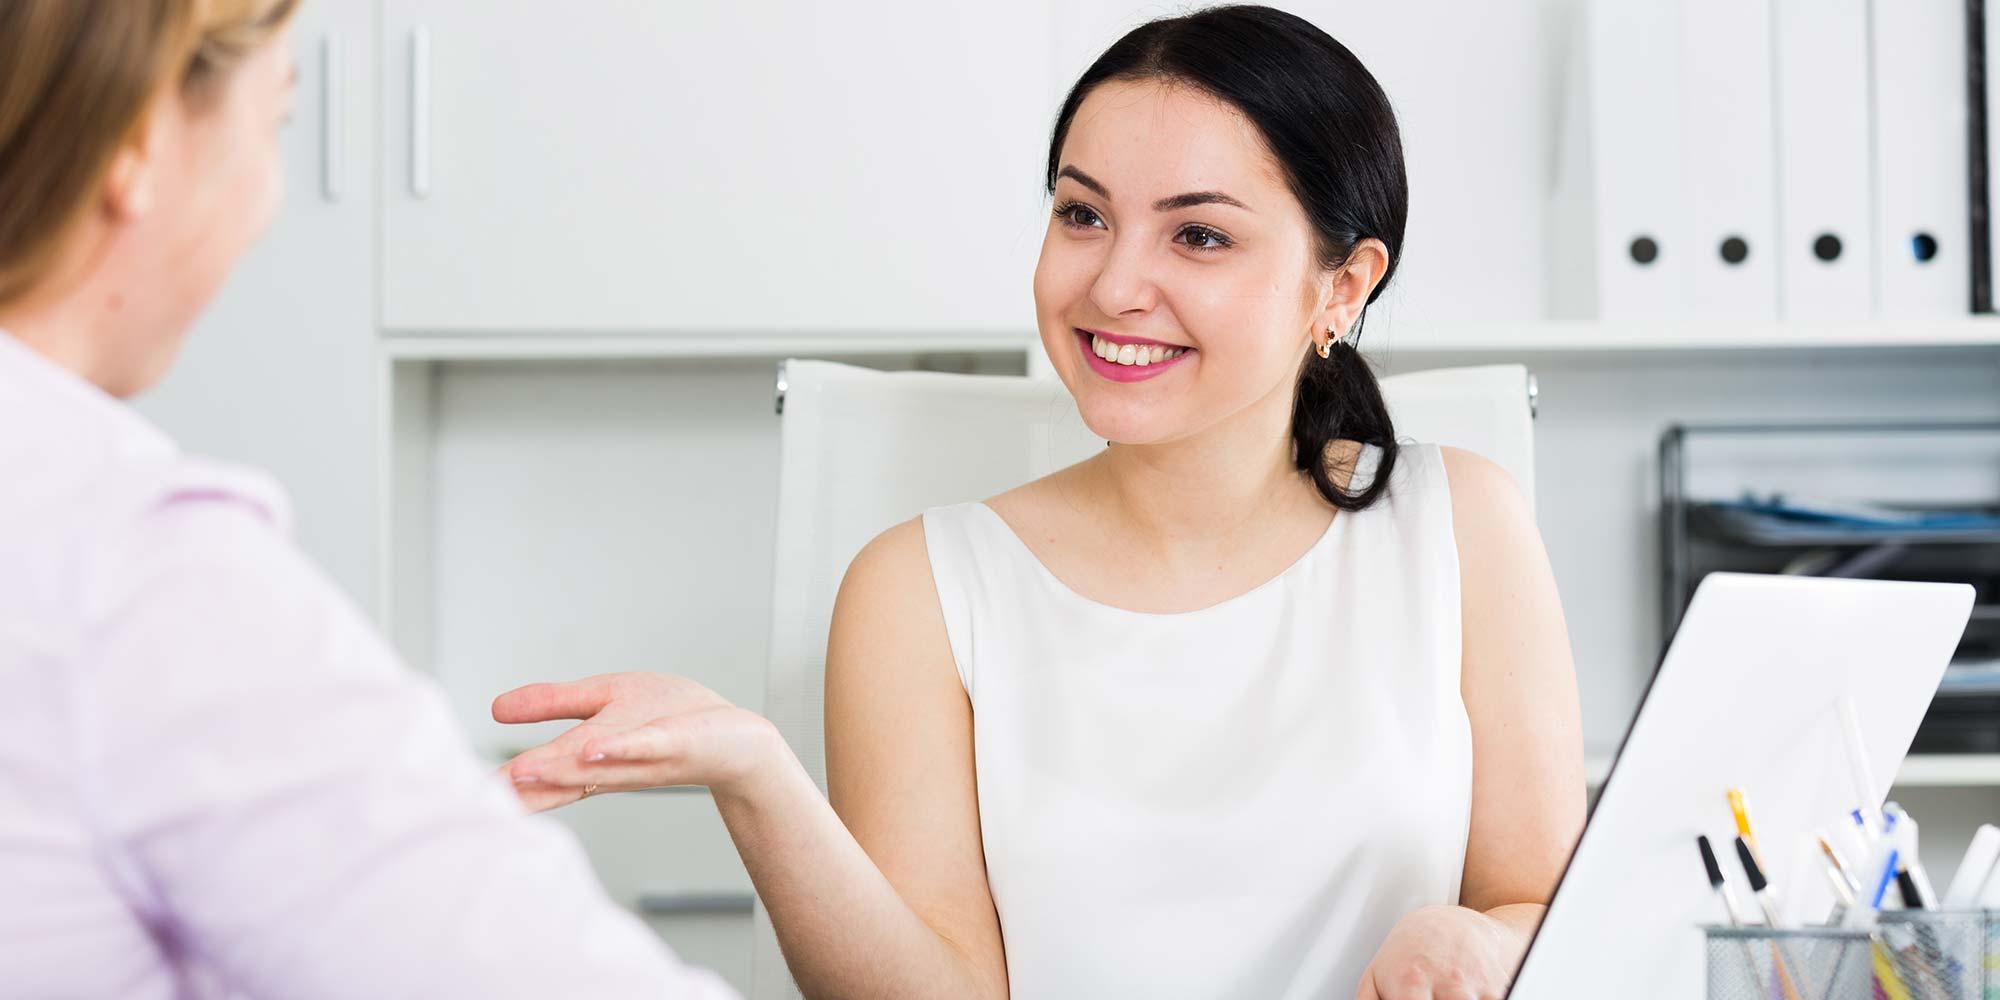 Como fazer minha primeira consulta jurídica?